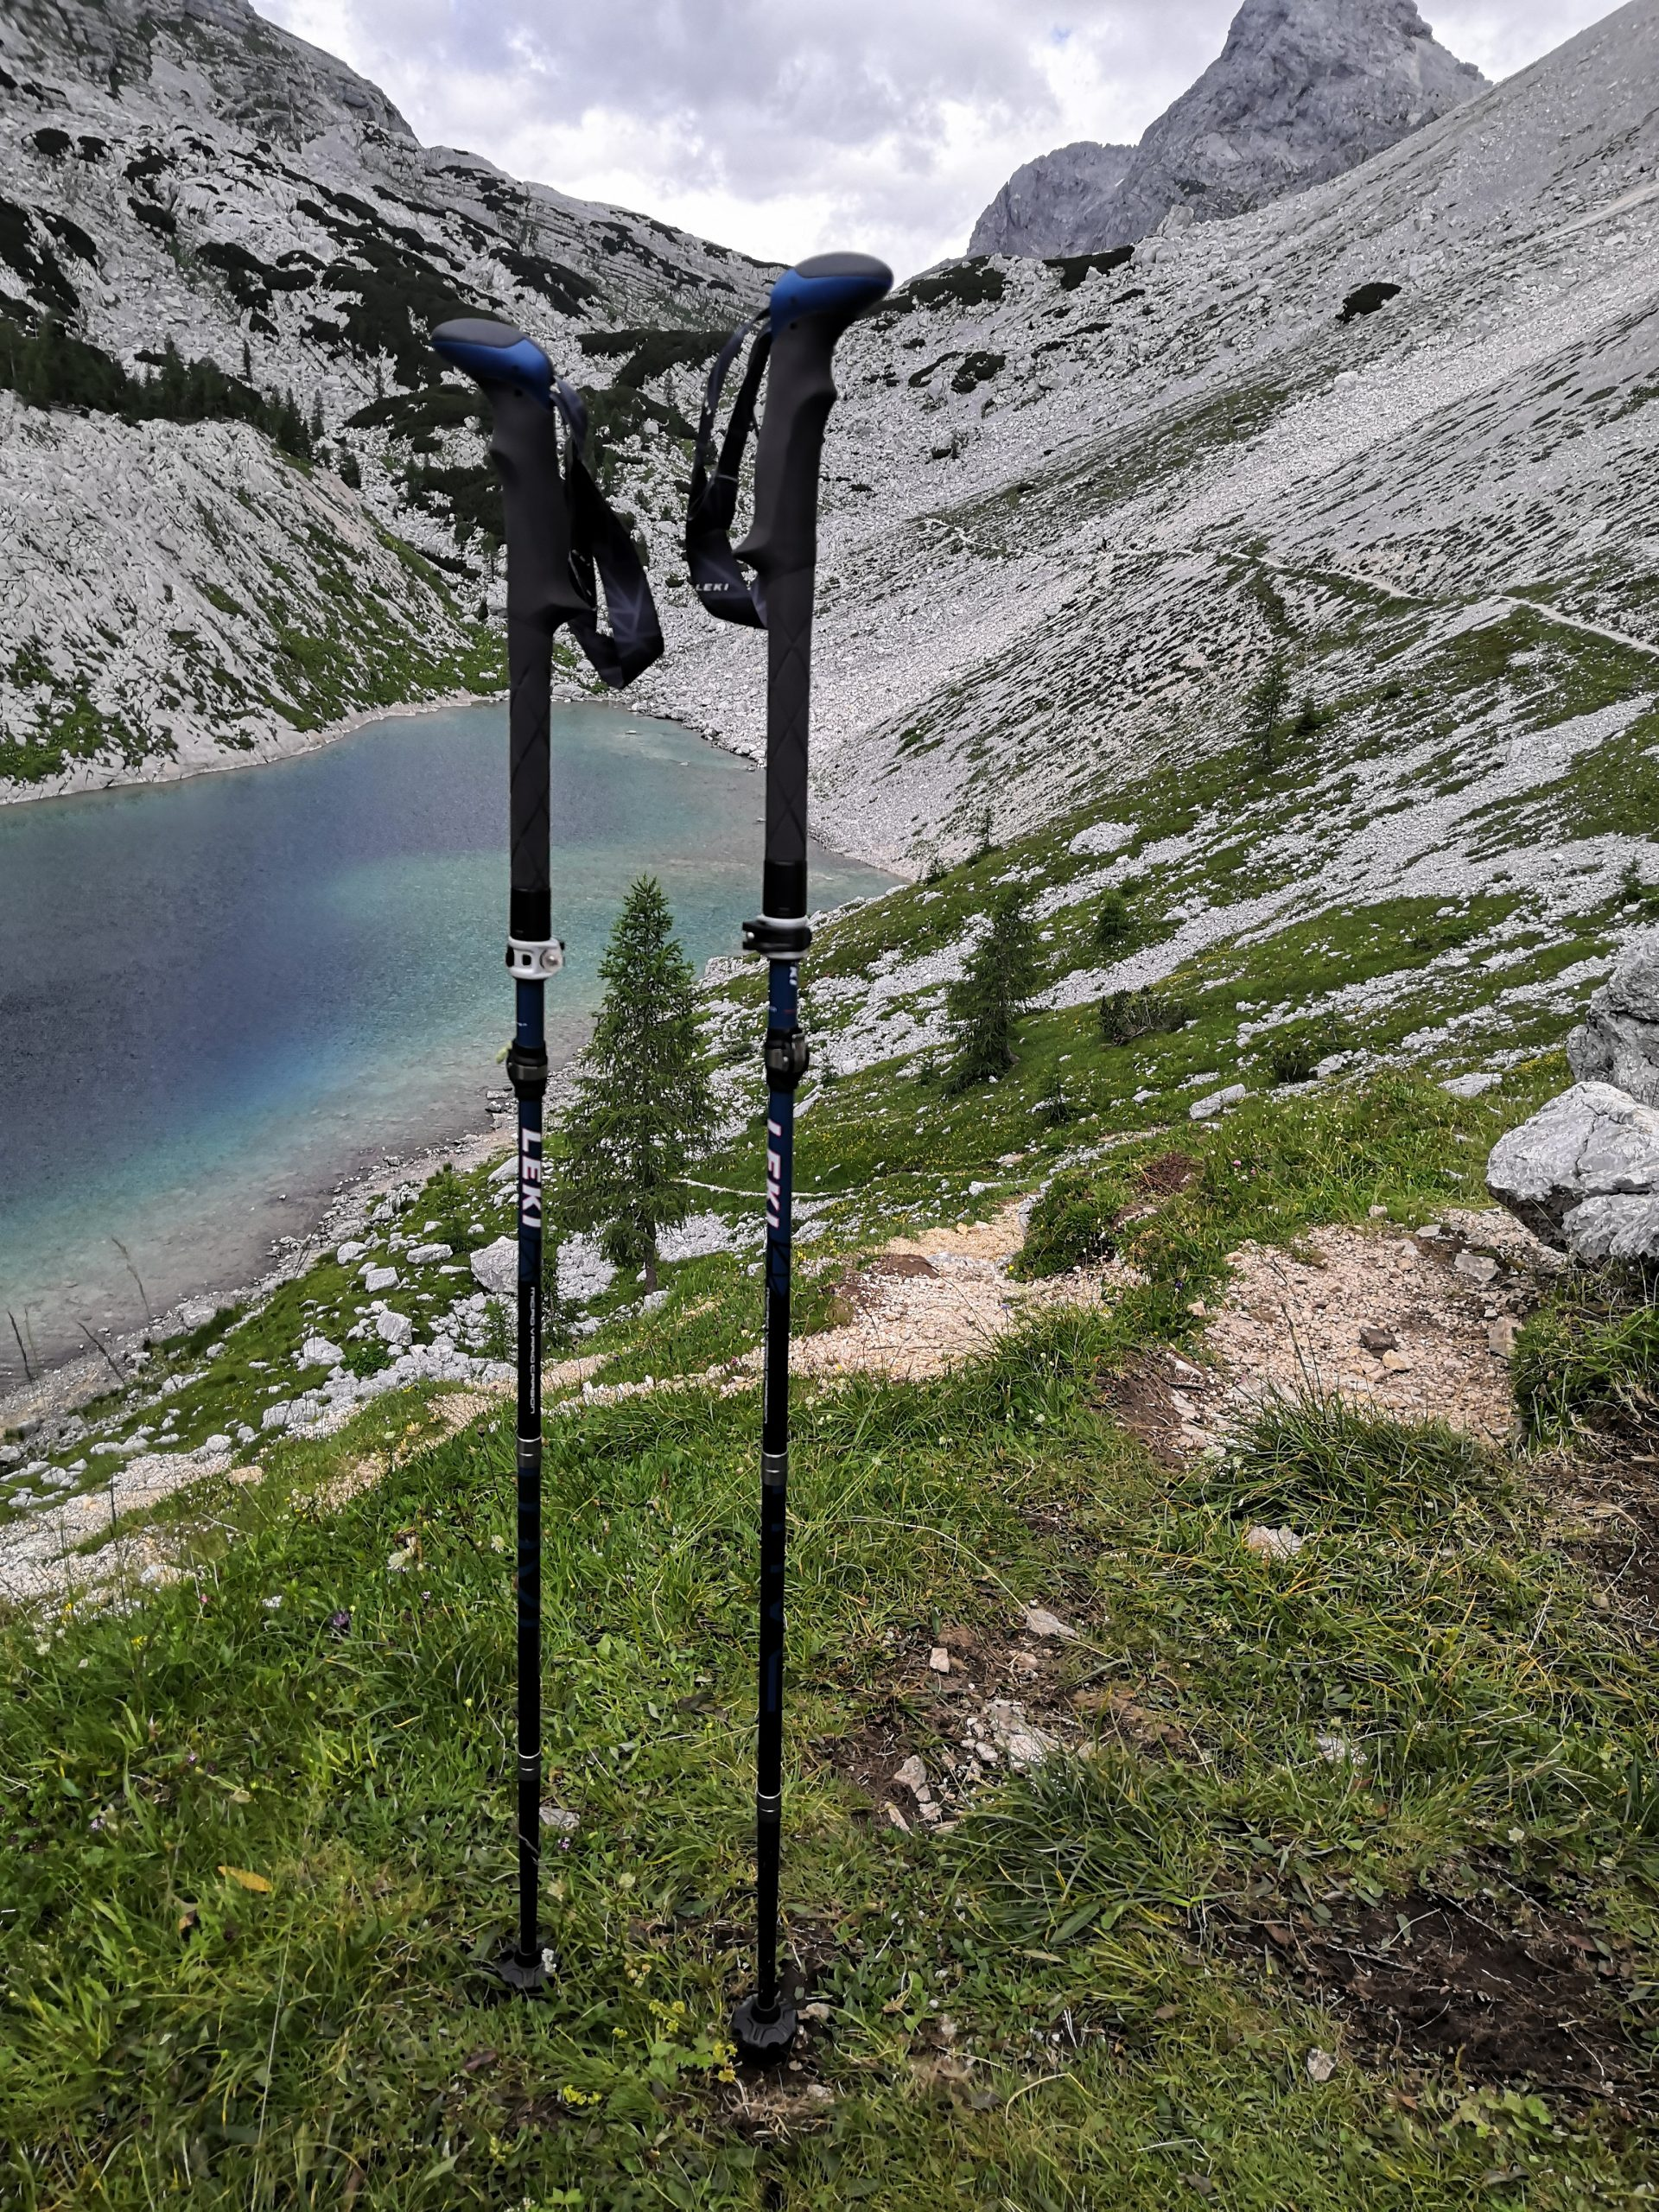 Micro Vario Carbon Trekkingstöcke - einer der sieben Seen auf dem Weg zum gipfel des Triglavs